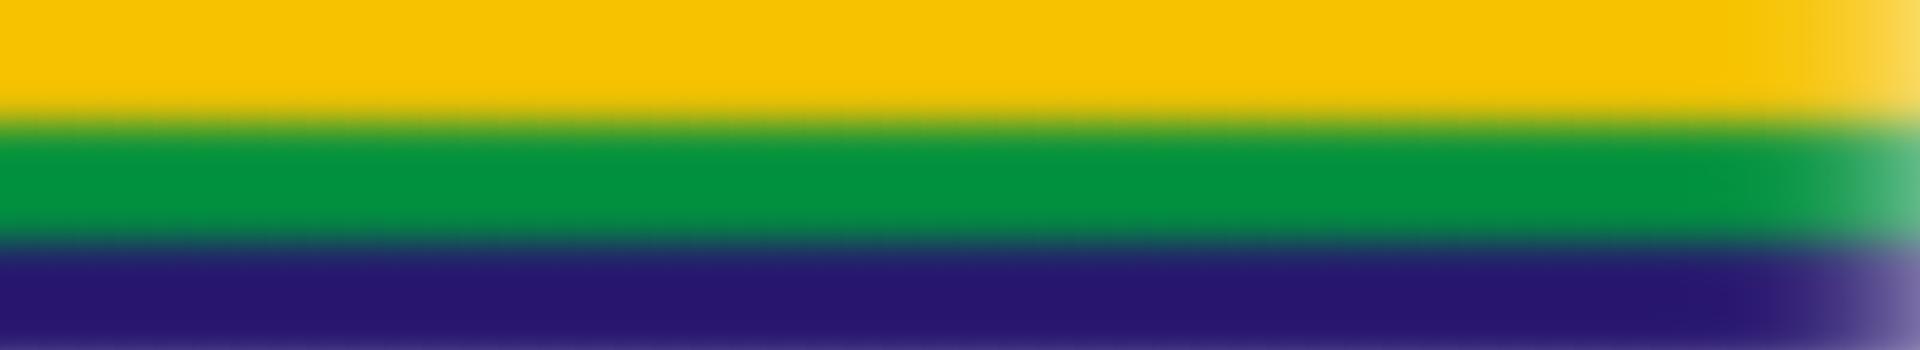 bg-banner-atlas